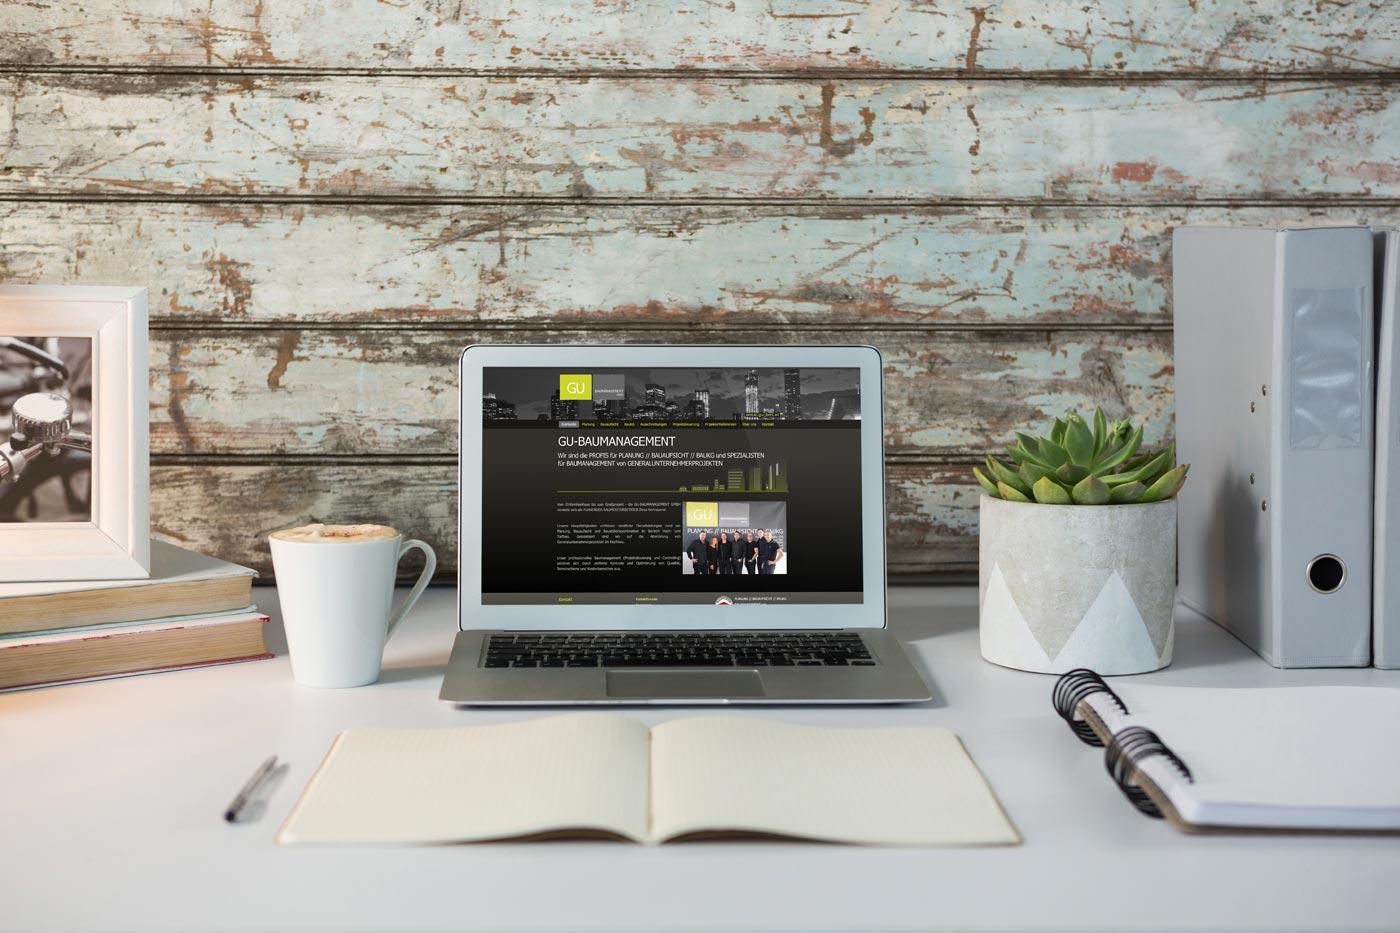 Webdesign von perfect:net, Dieter Biernat, gu-bm.at